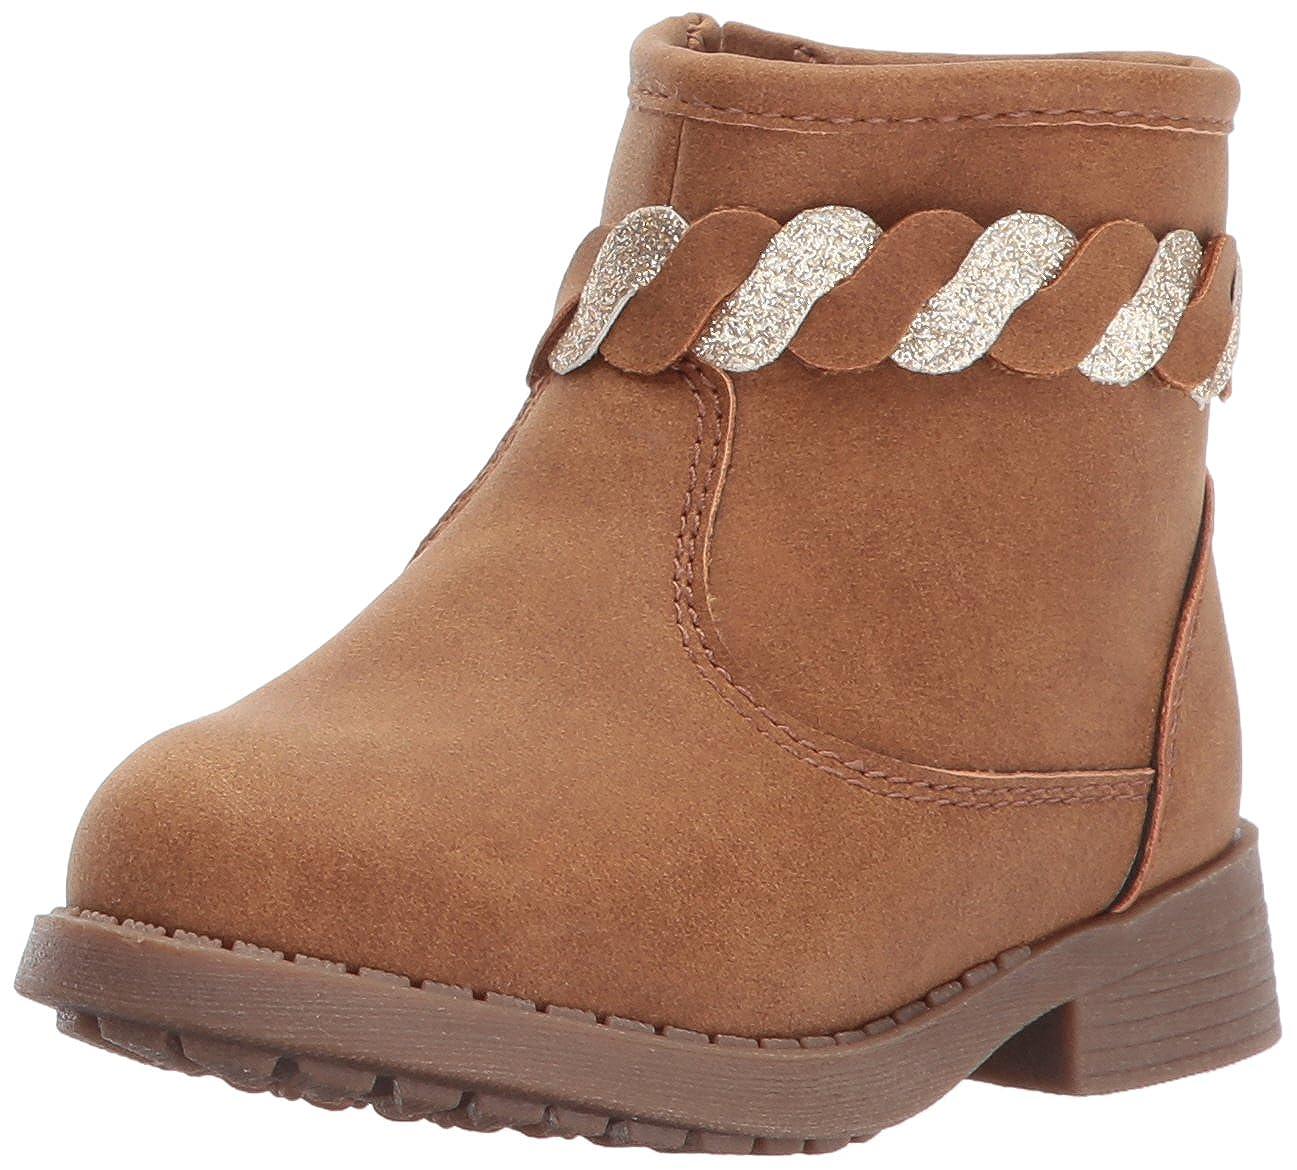 OshKosh B'Gosh Kids Chains Girl's Braided Ankle Boot Fashion OshKosh B'Gosh CHAINS-G - K